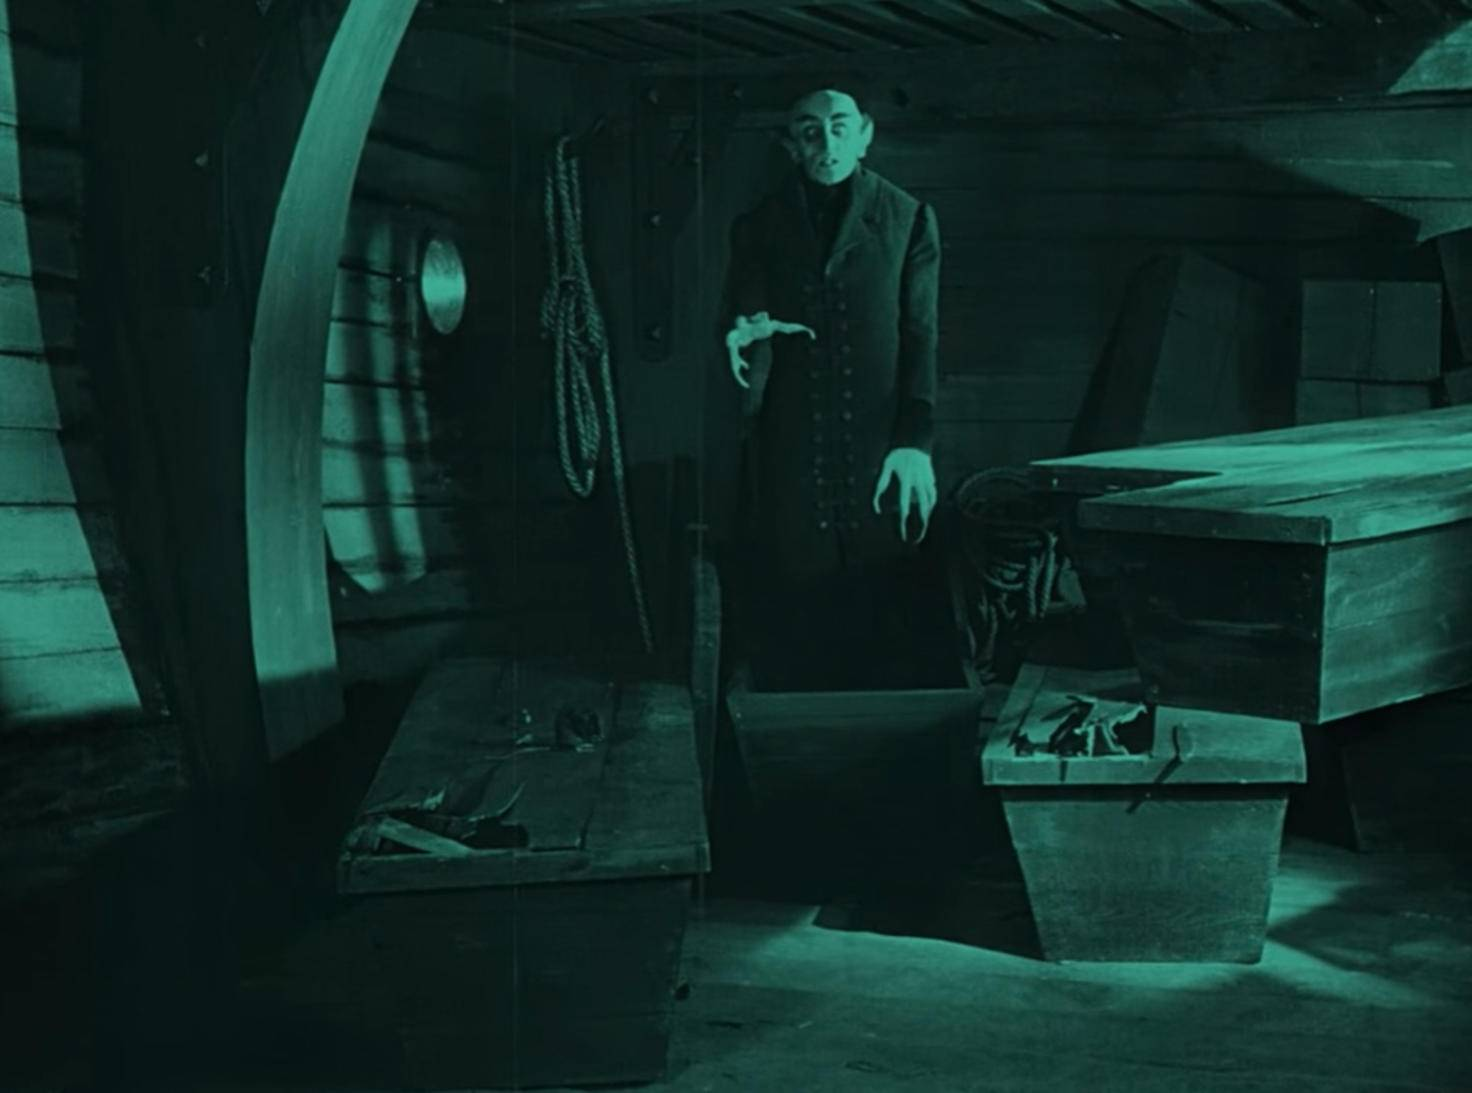 Graf Orlok zählt zu den ersten Film-Monstern überhaupt.